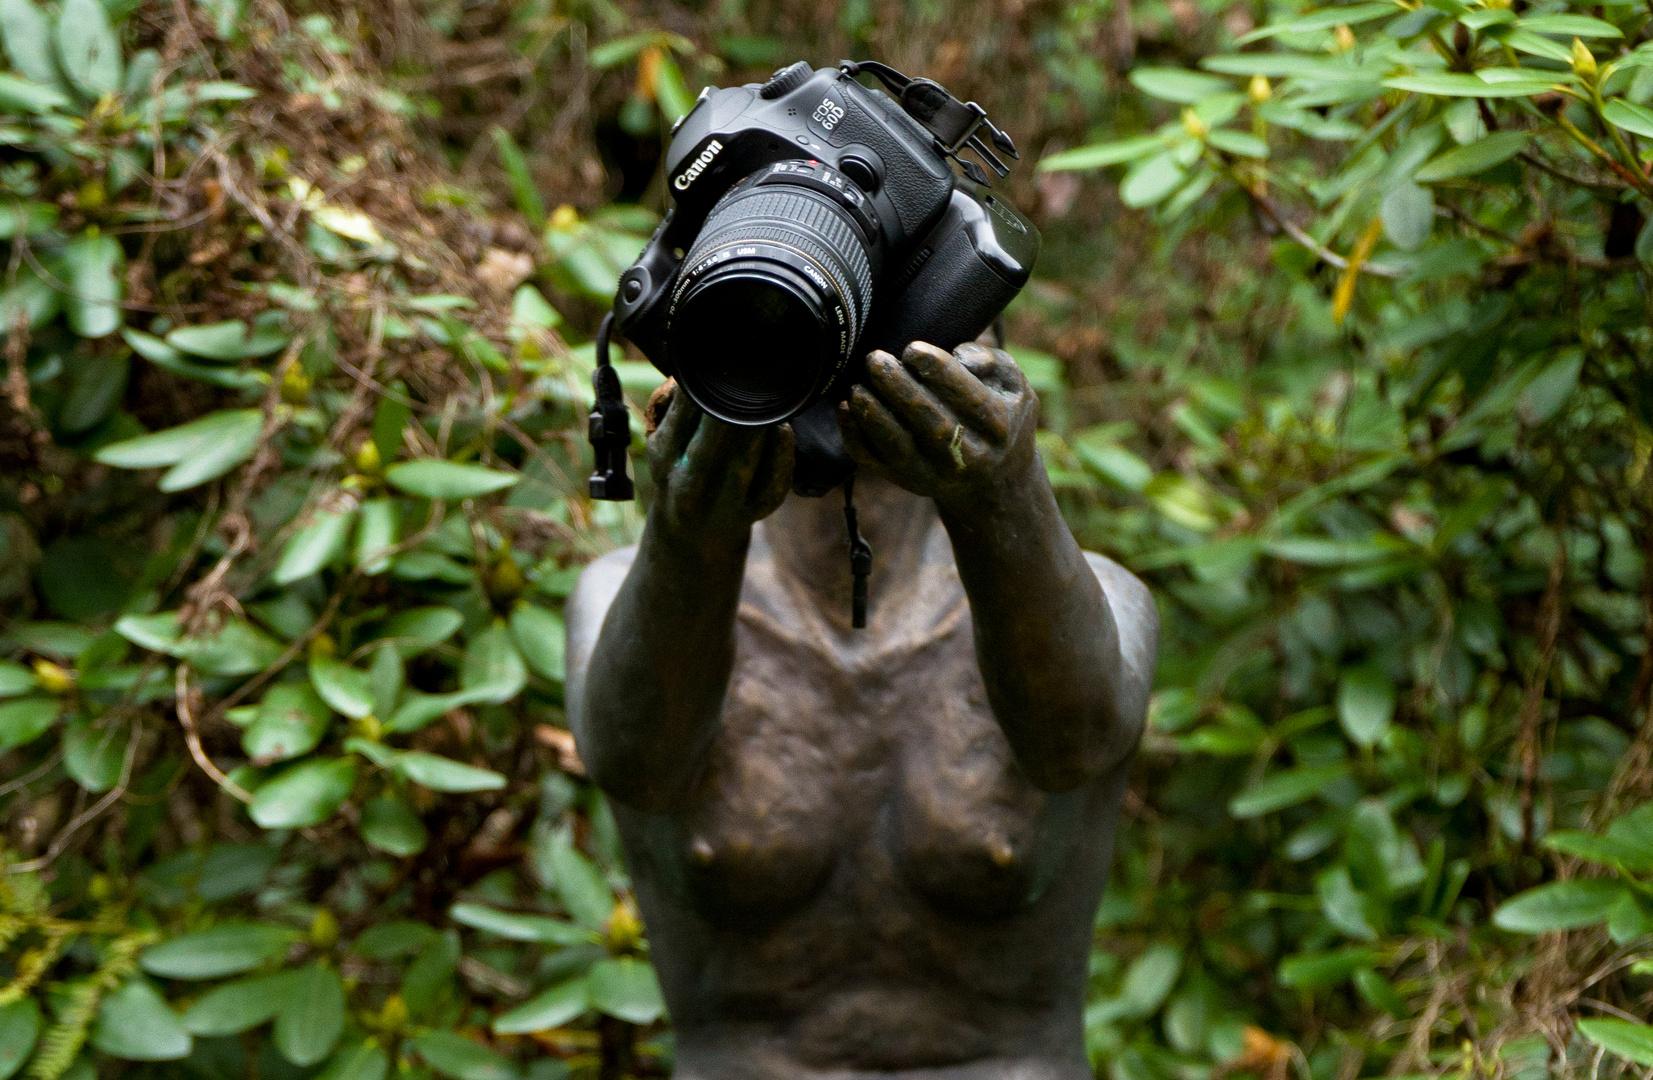 Aktfotografie mal anders... ;)